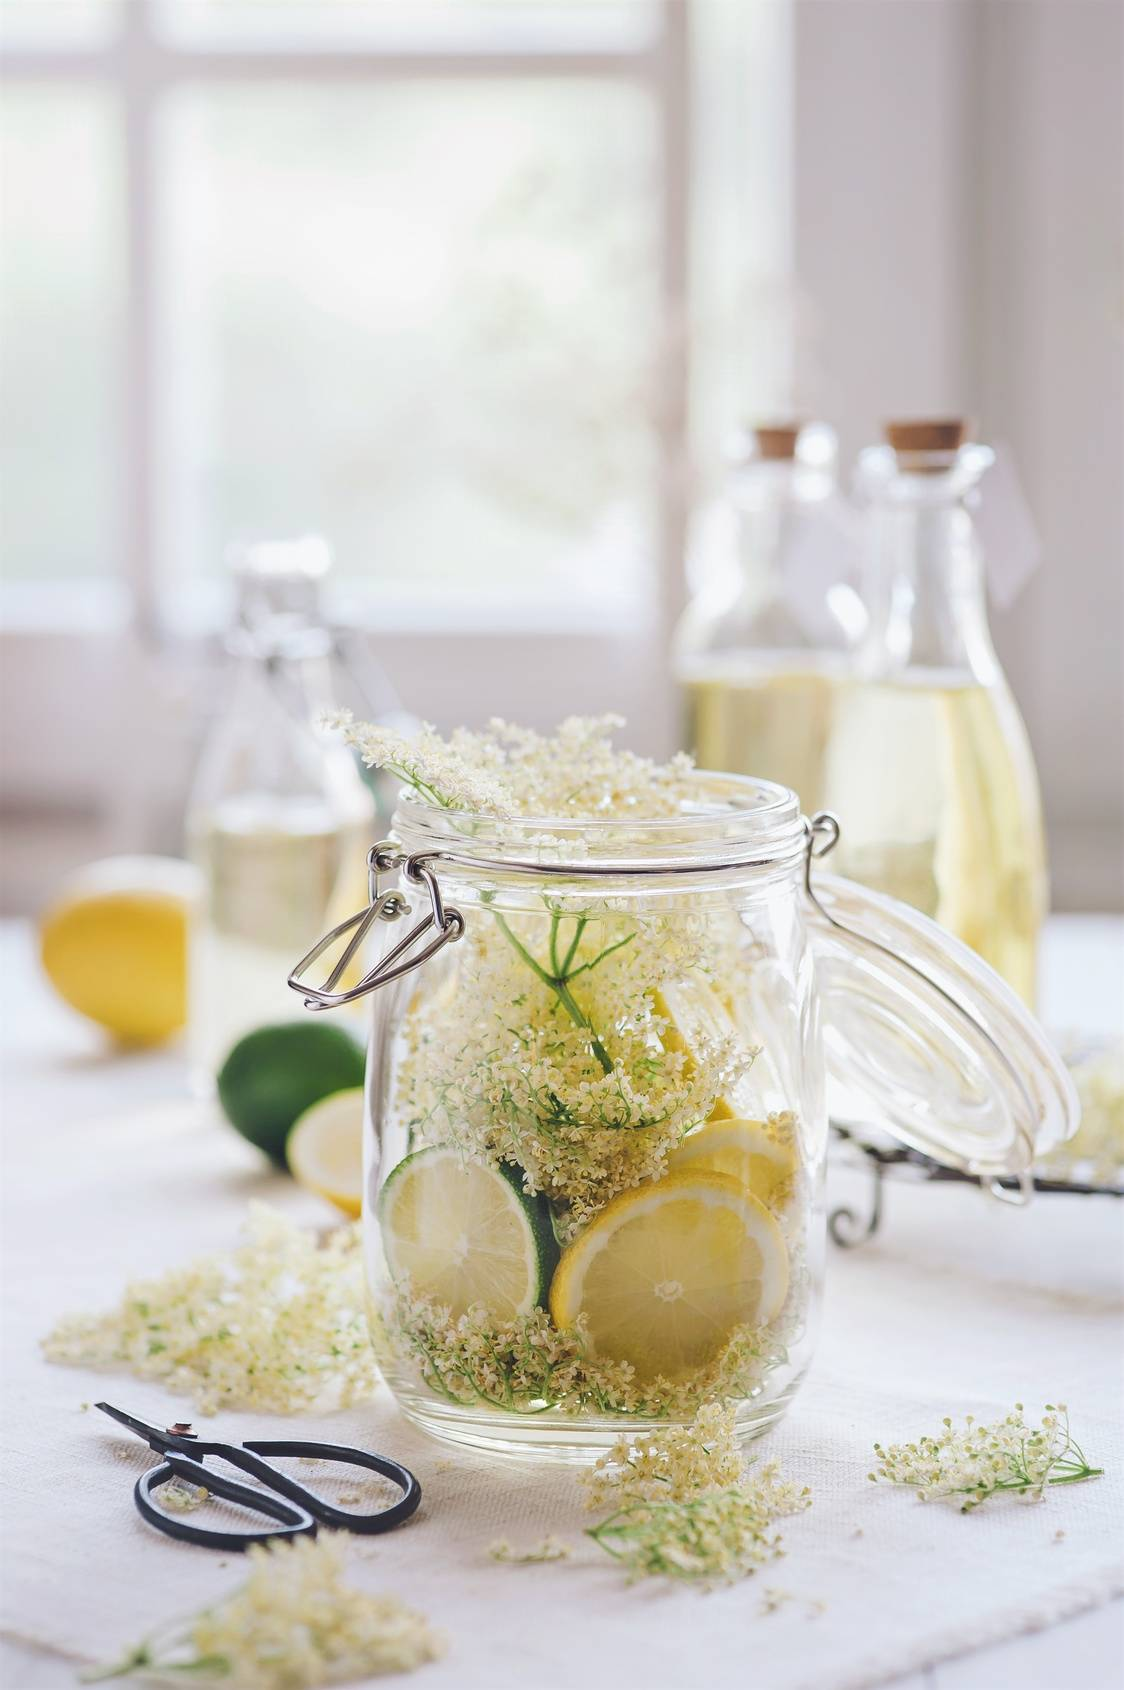 Syrop z kwiatów czarnego bzu. W słoiku leżą kwiaty czarnego bzu, plasterki cytryny i limonki, w tle widać butelki z gotowym syropem. Na białym stole leżą cytrusy, kwiaty bzu i nożyczki.